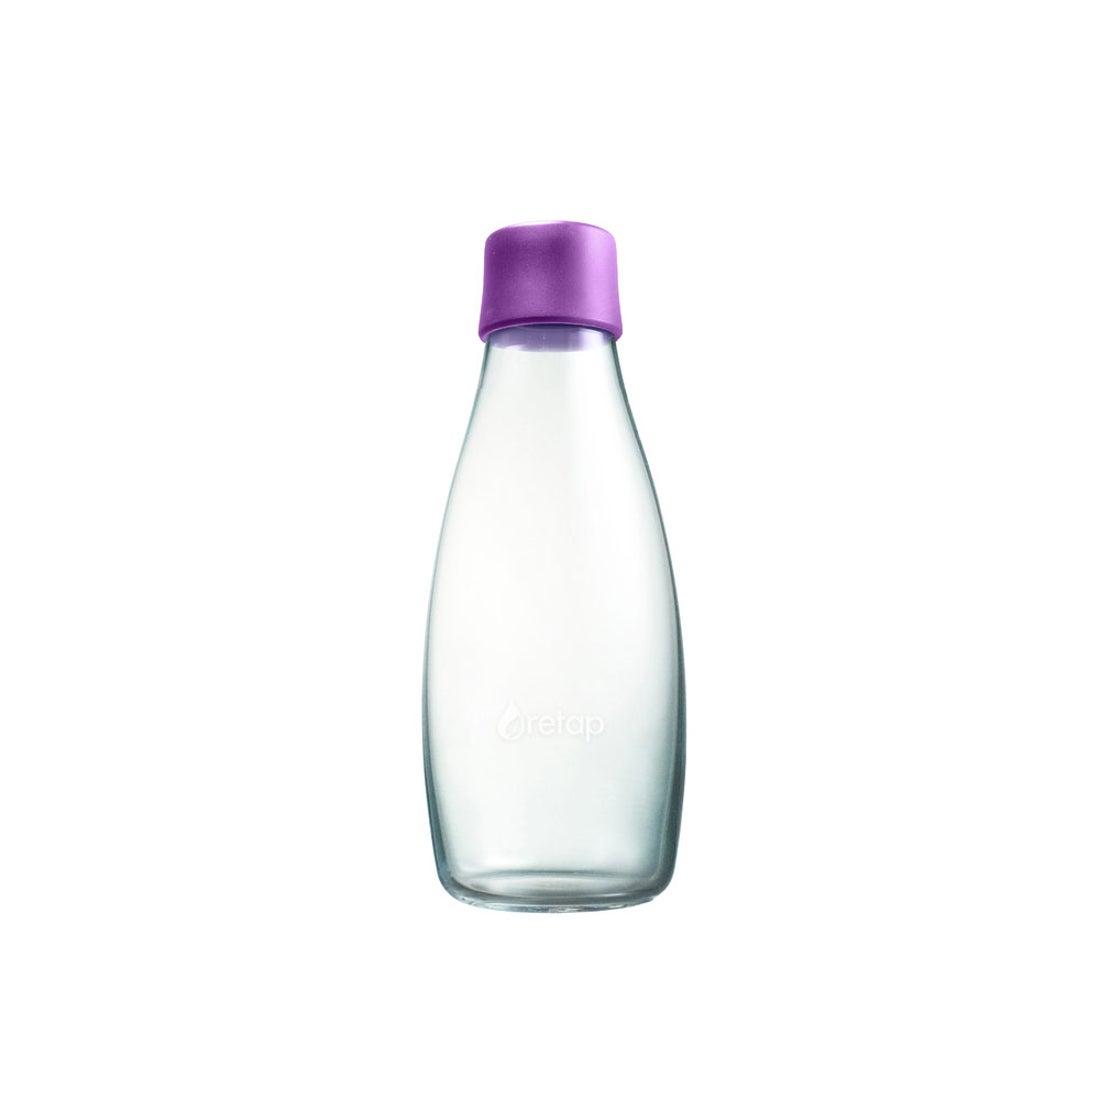 ノーブランド No Brand retapbottle05 リタップボトル 500ml (パープル)